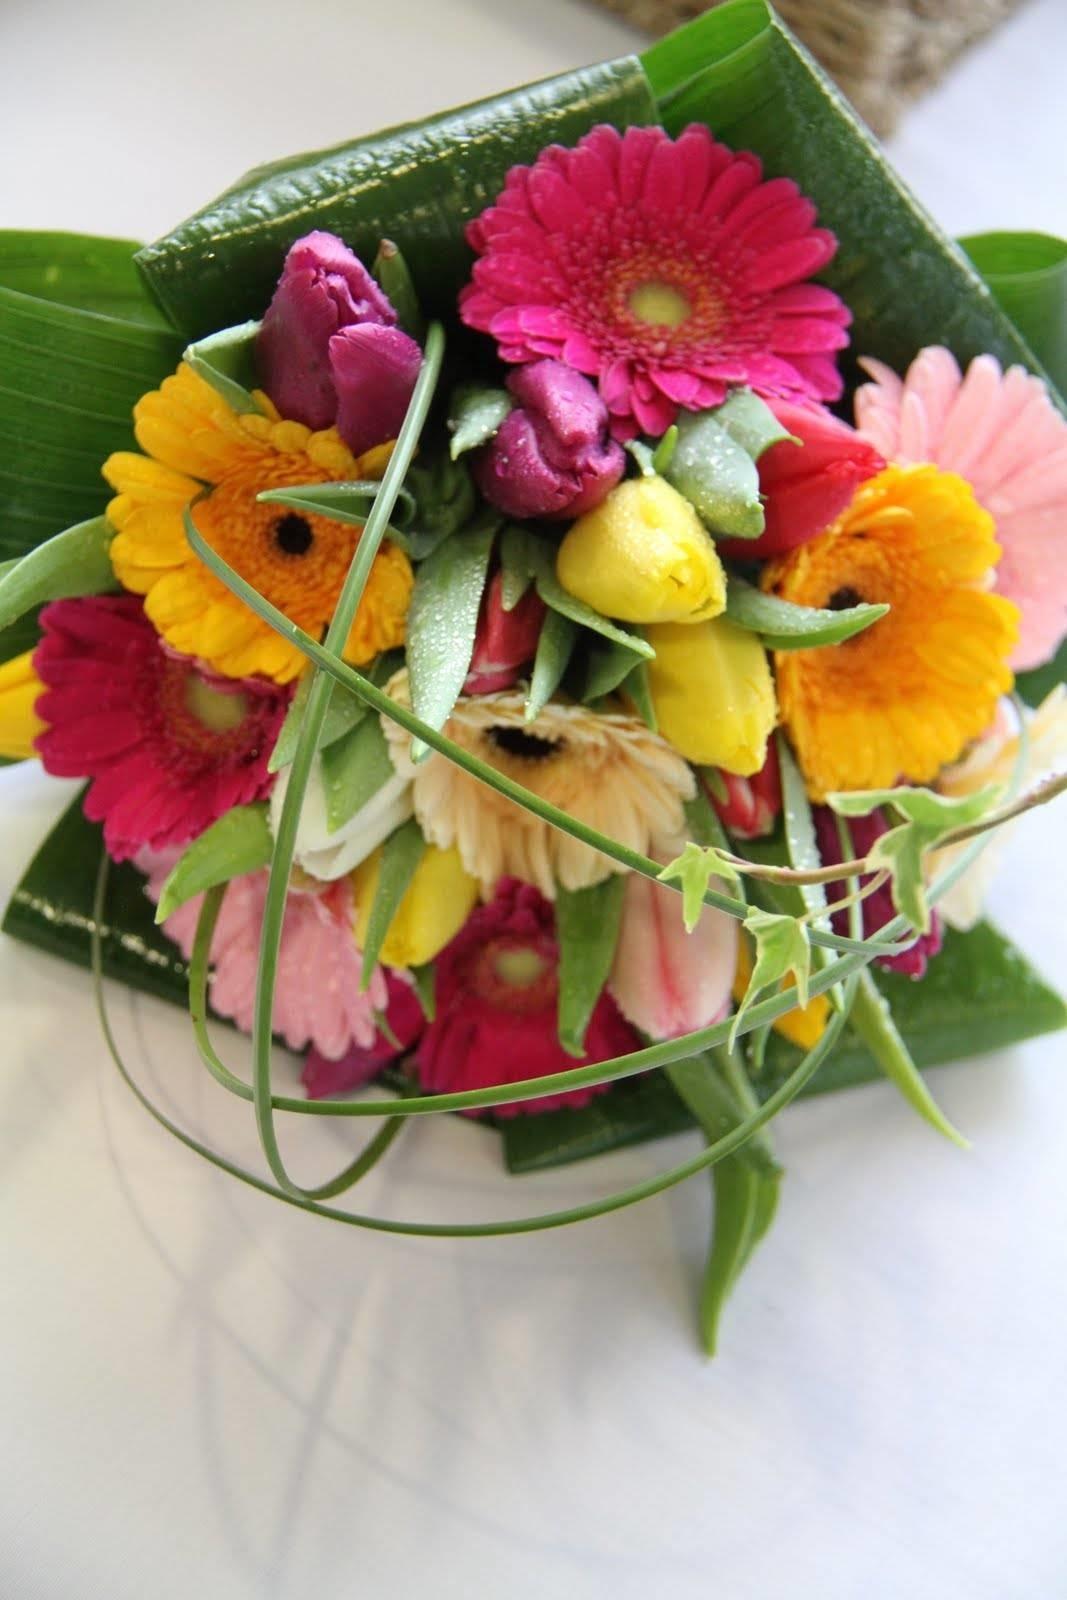 Matrimonio In Giugno : Fiori matrimonio giugno good i bouquet pi belli del mondo